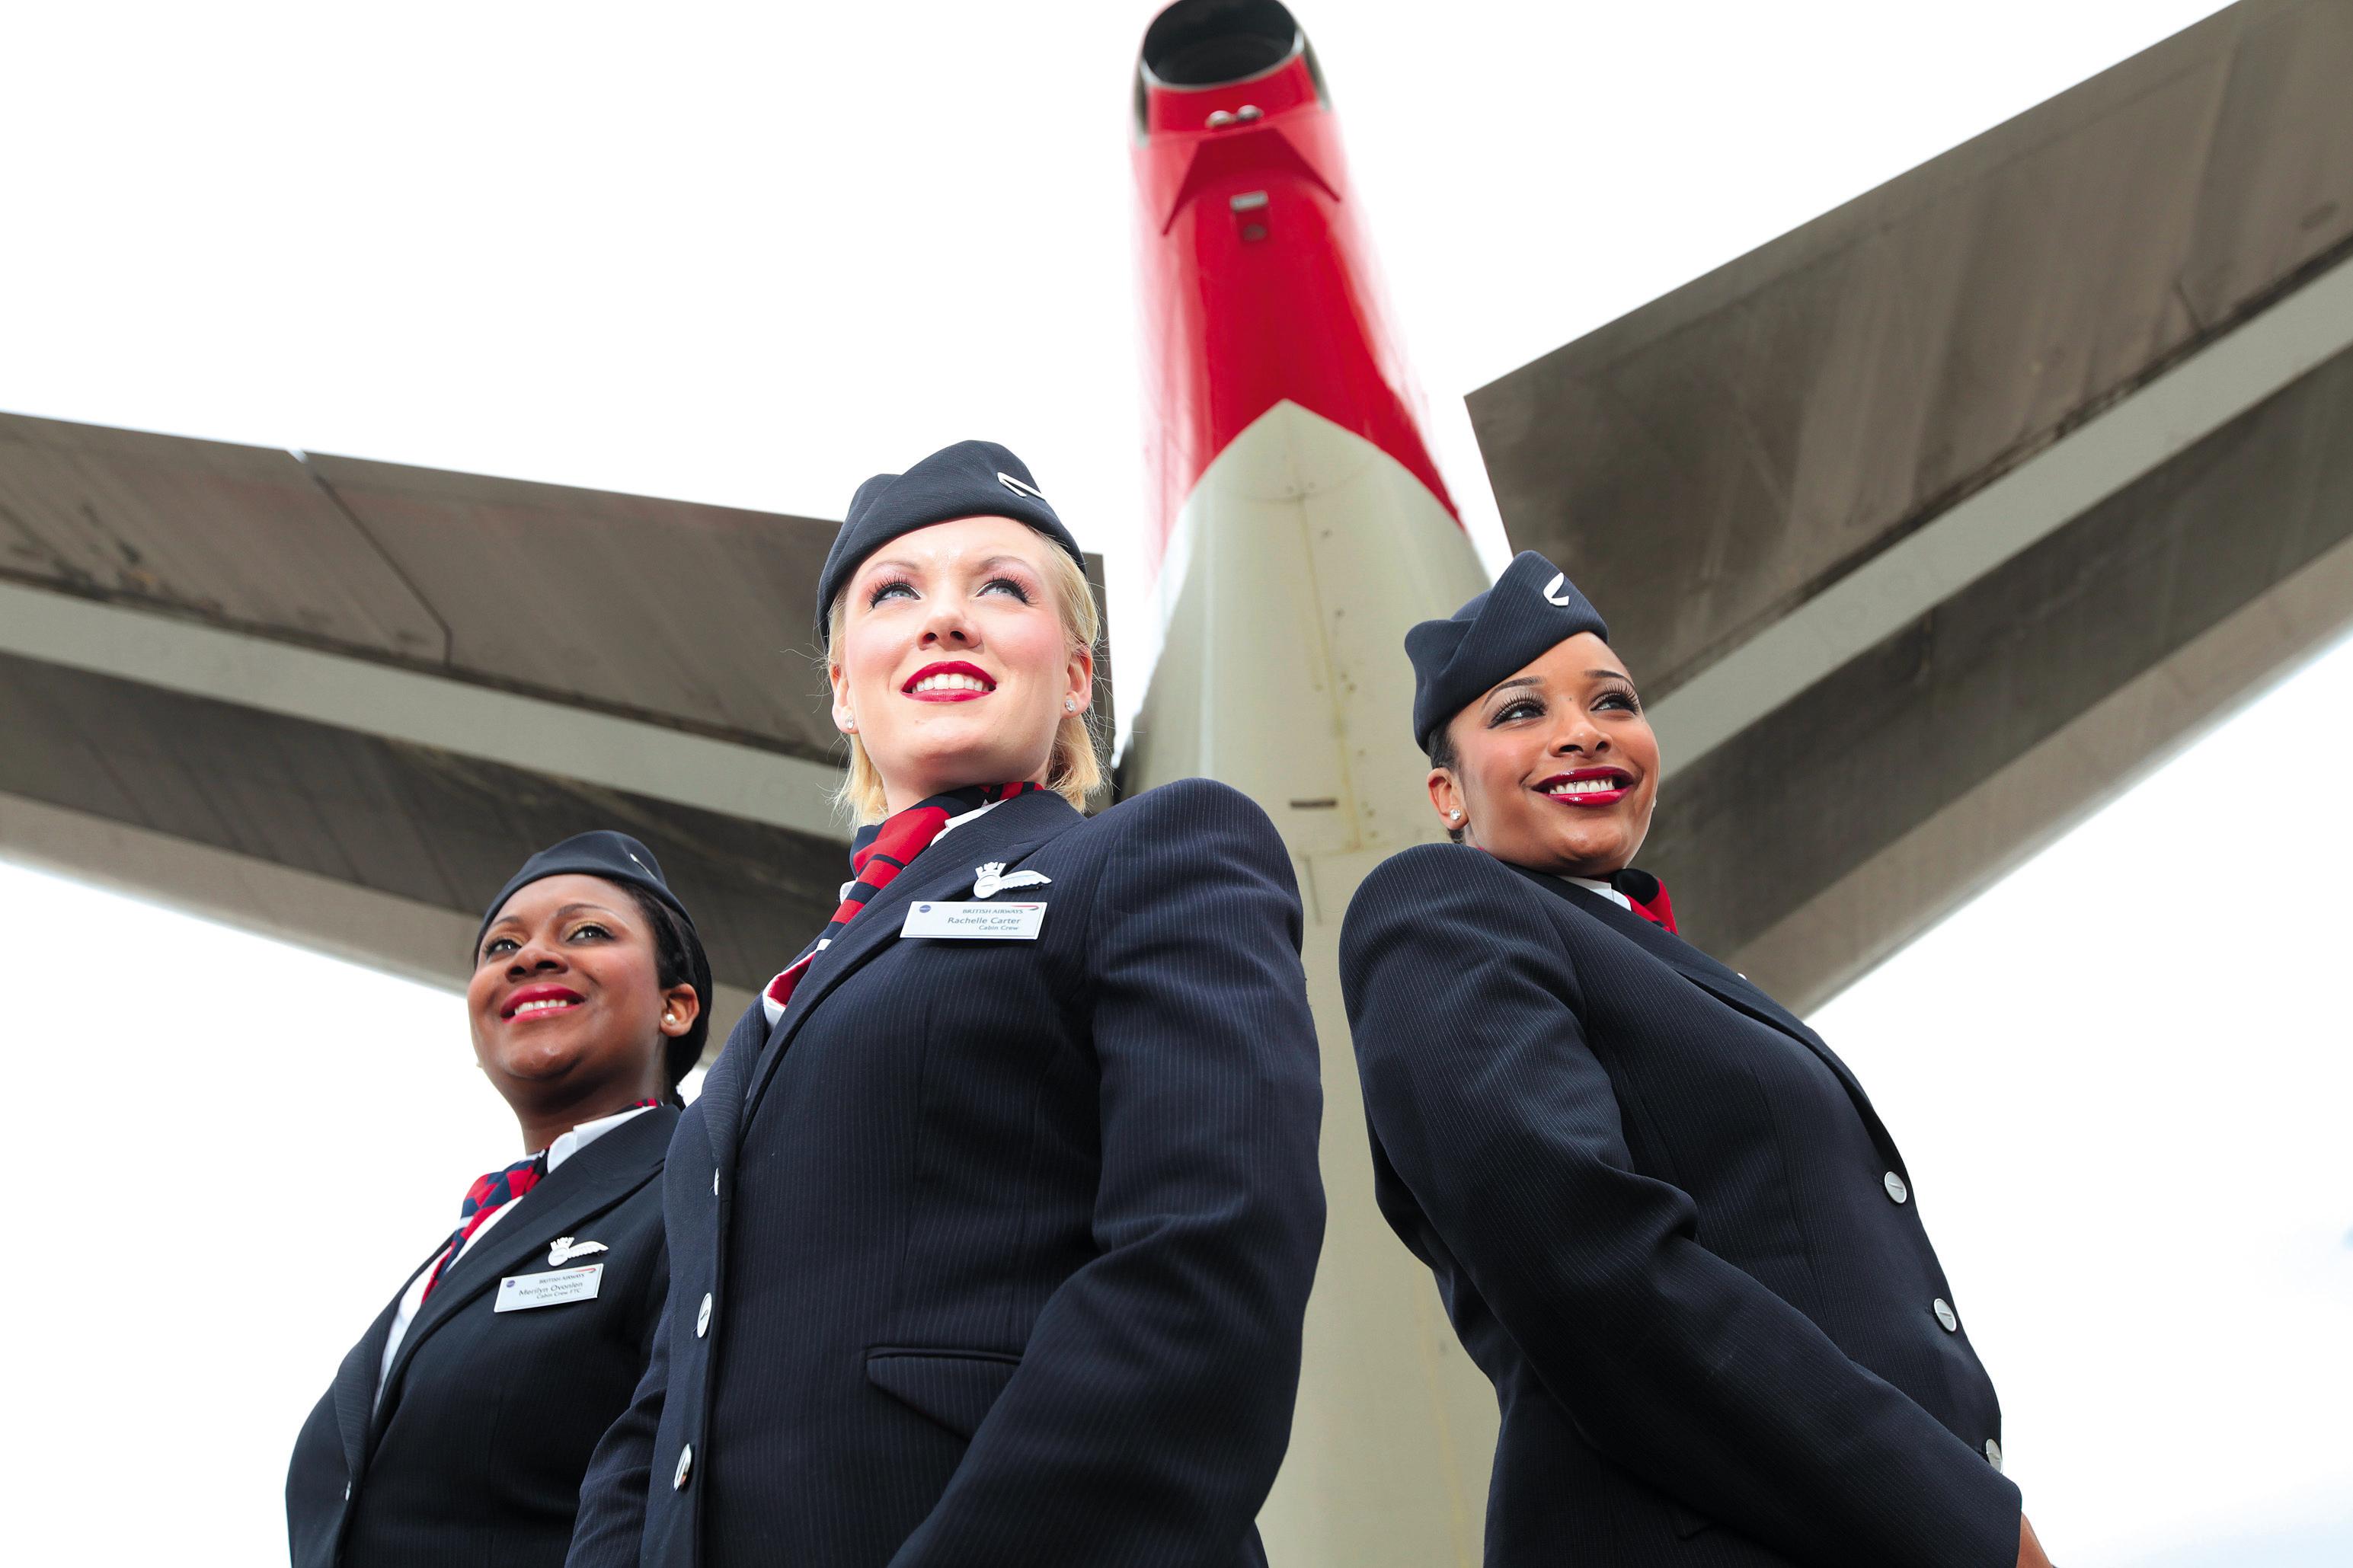 Presencia de mujeres en la aviación